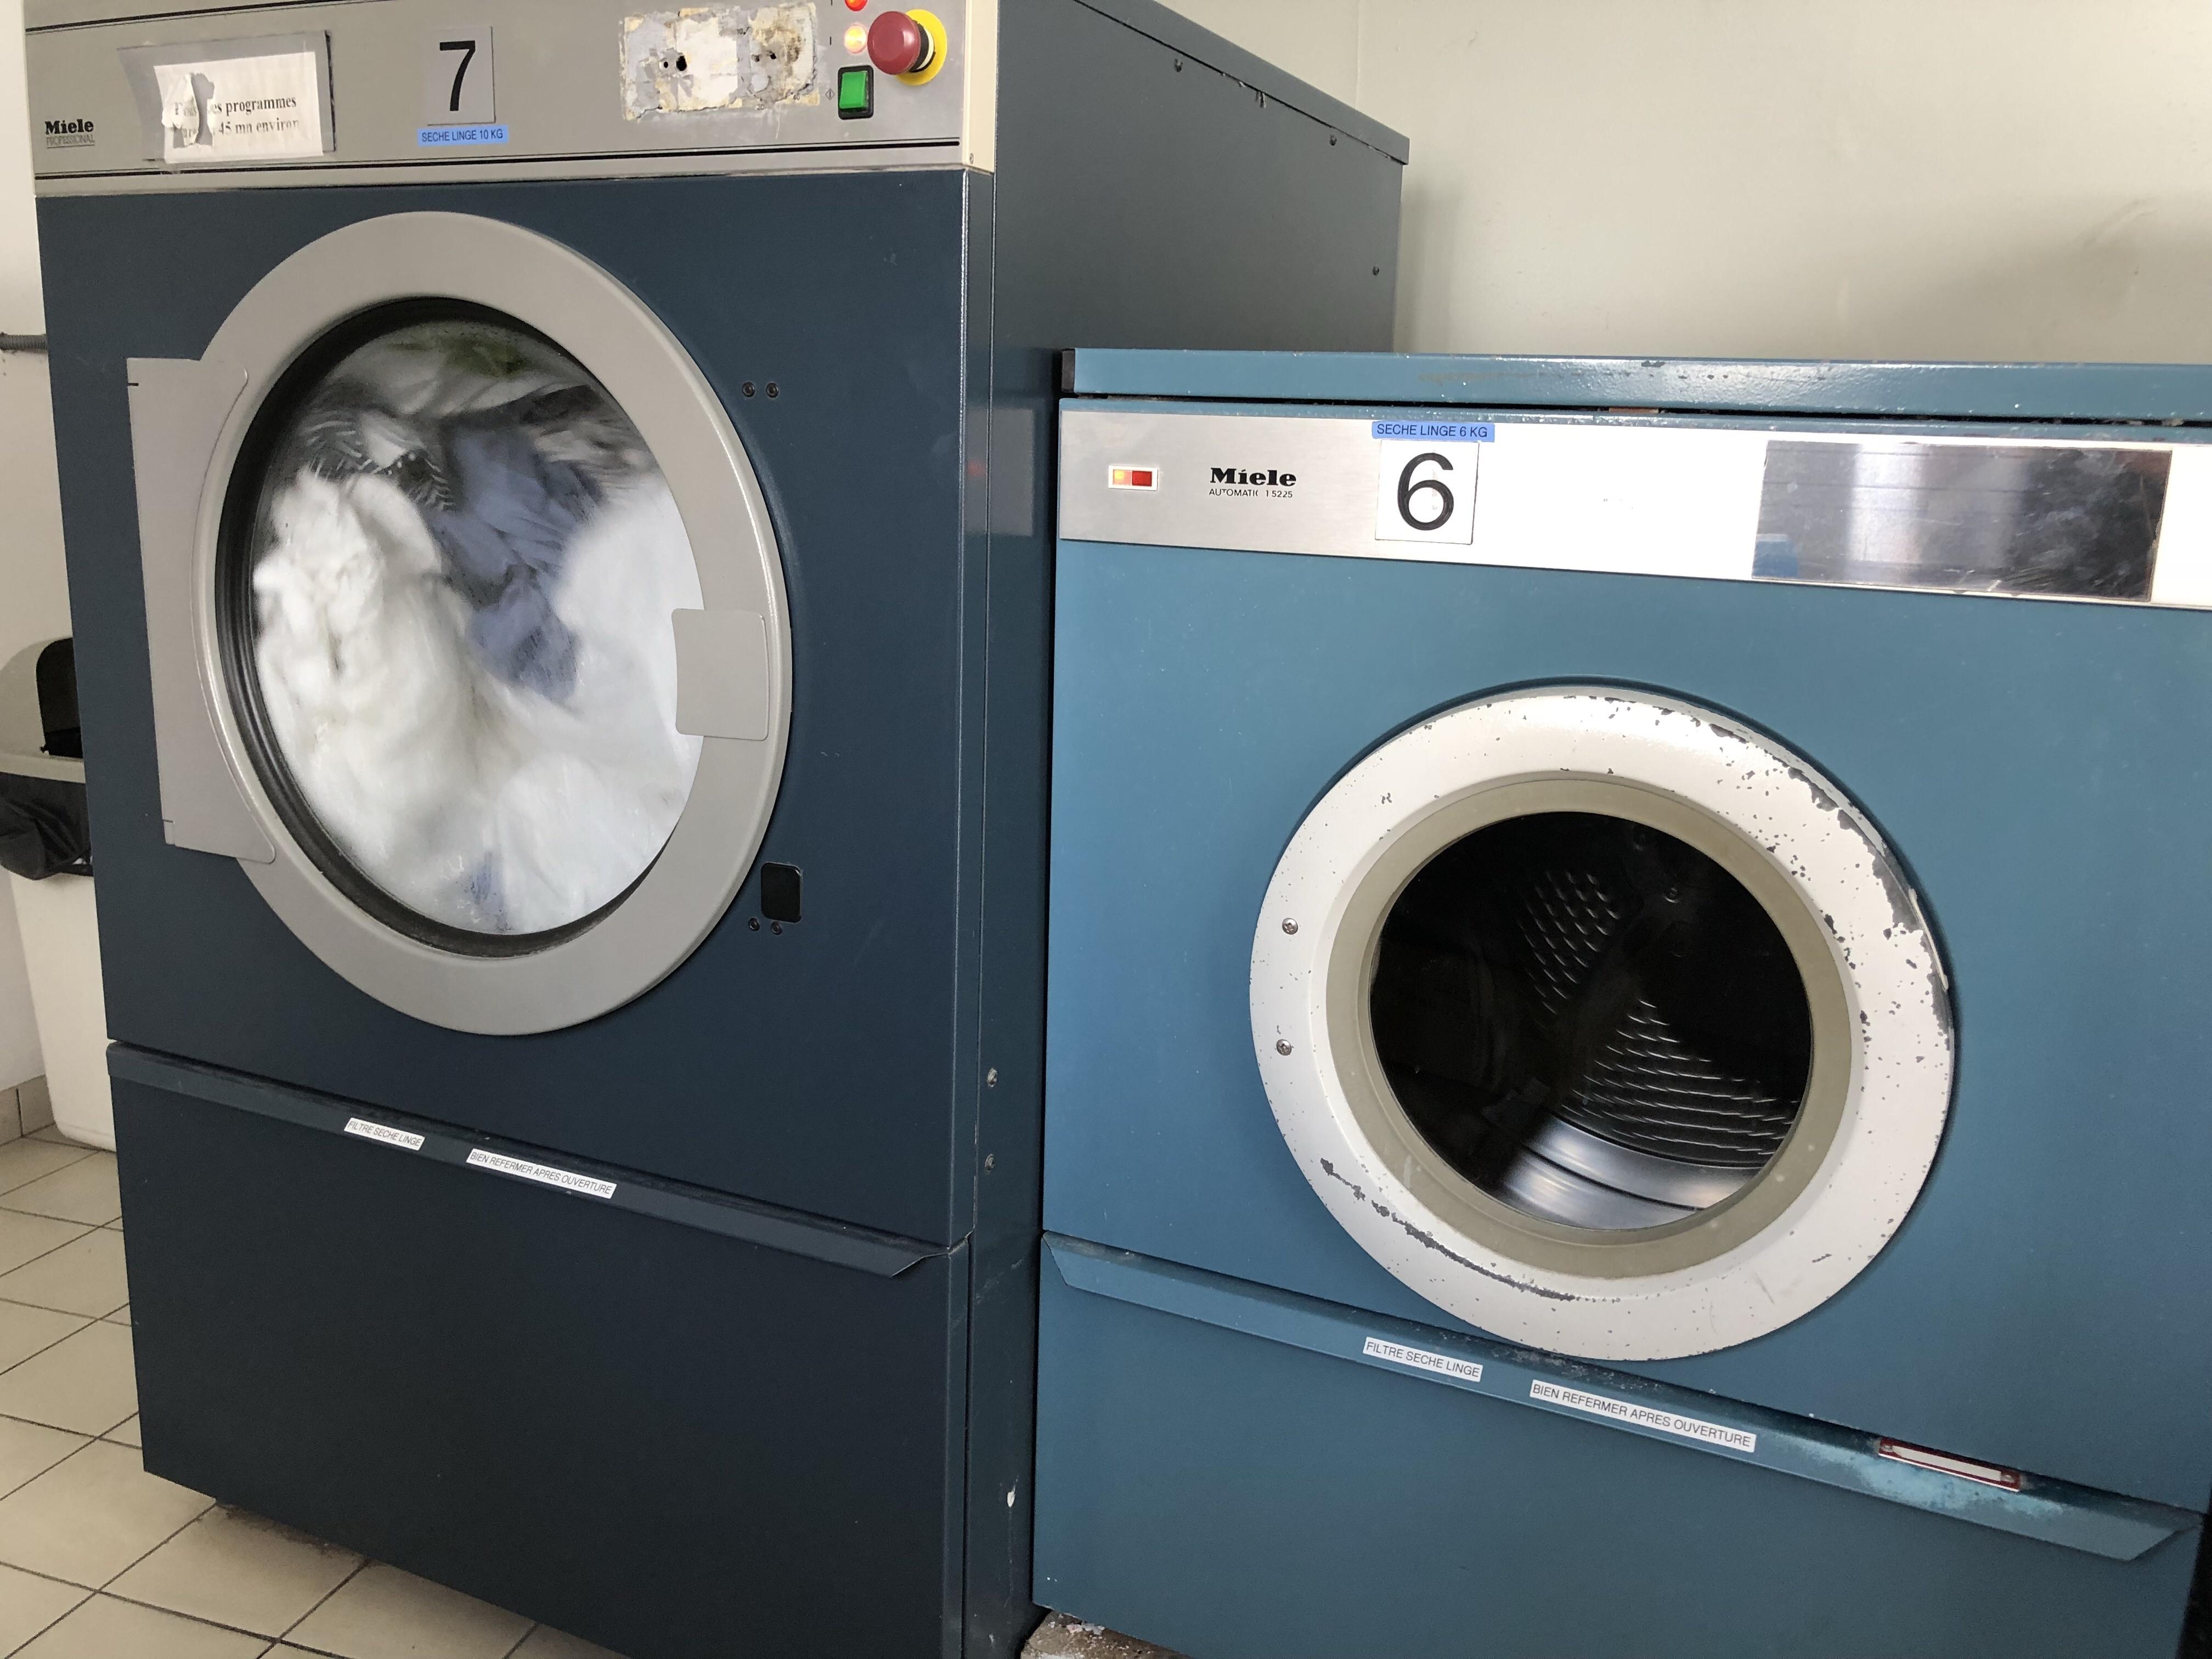 Kleine wasjes, grote wasjes...